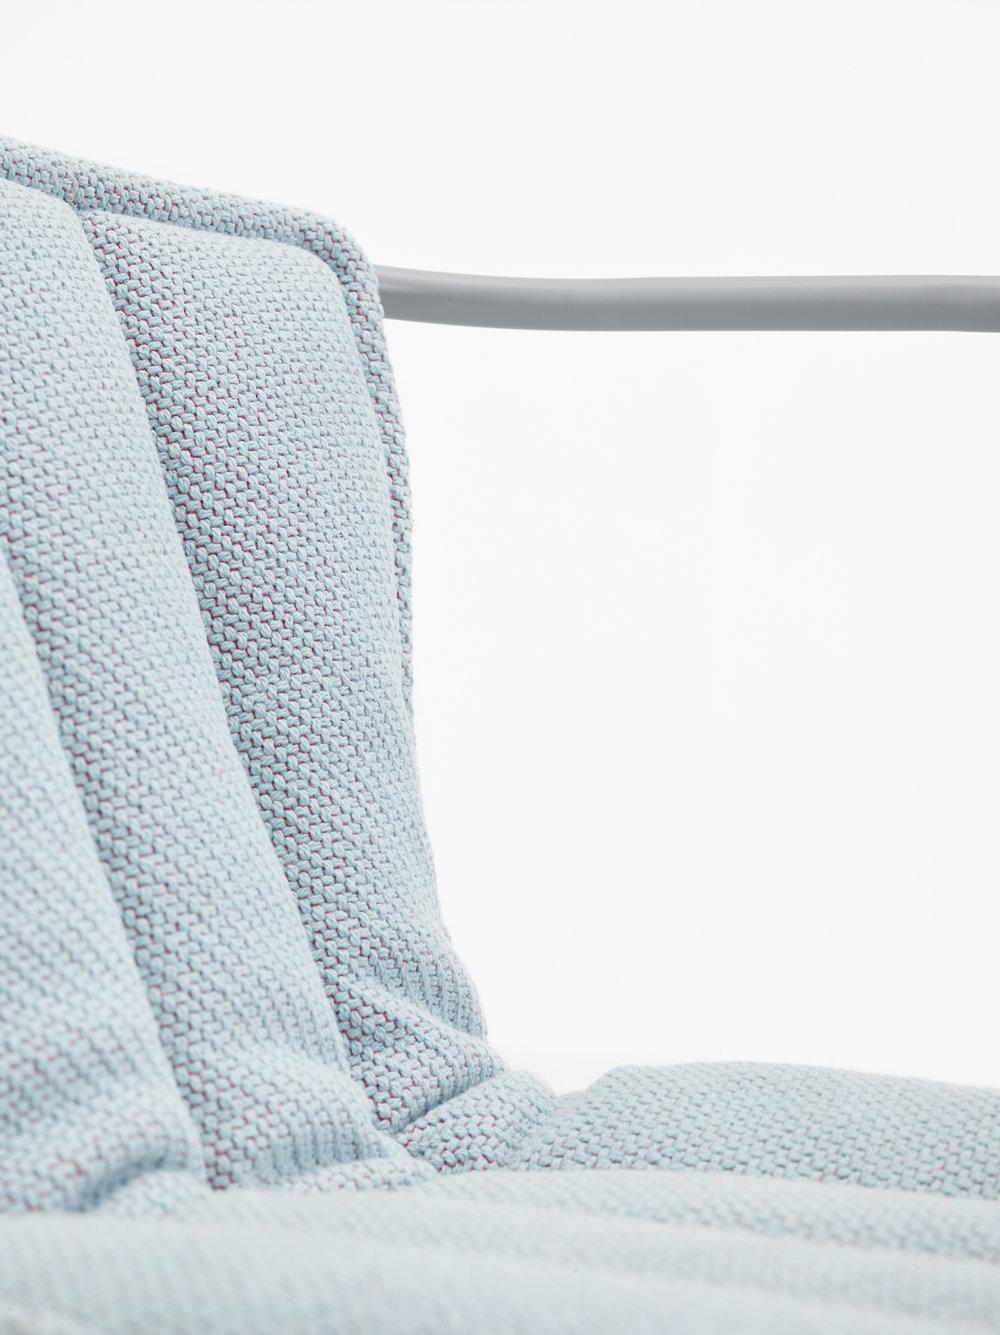 Whitsunday Cushion Detail 5.jpg